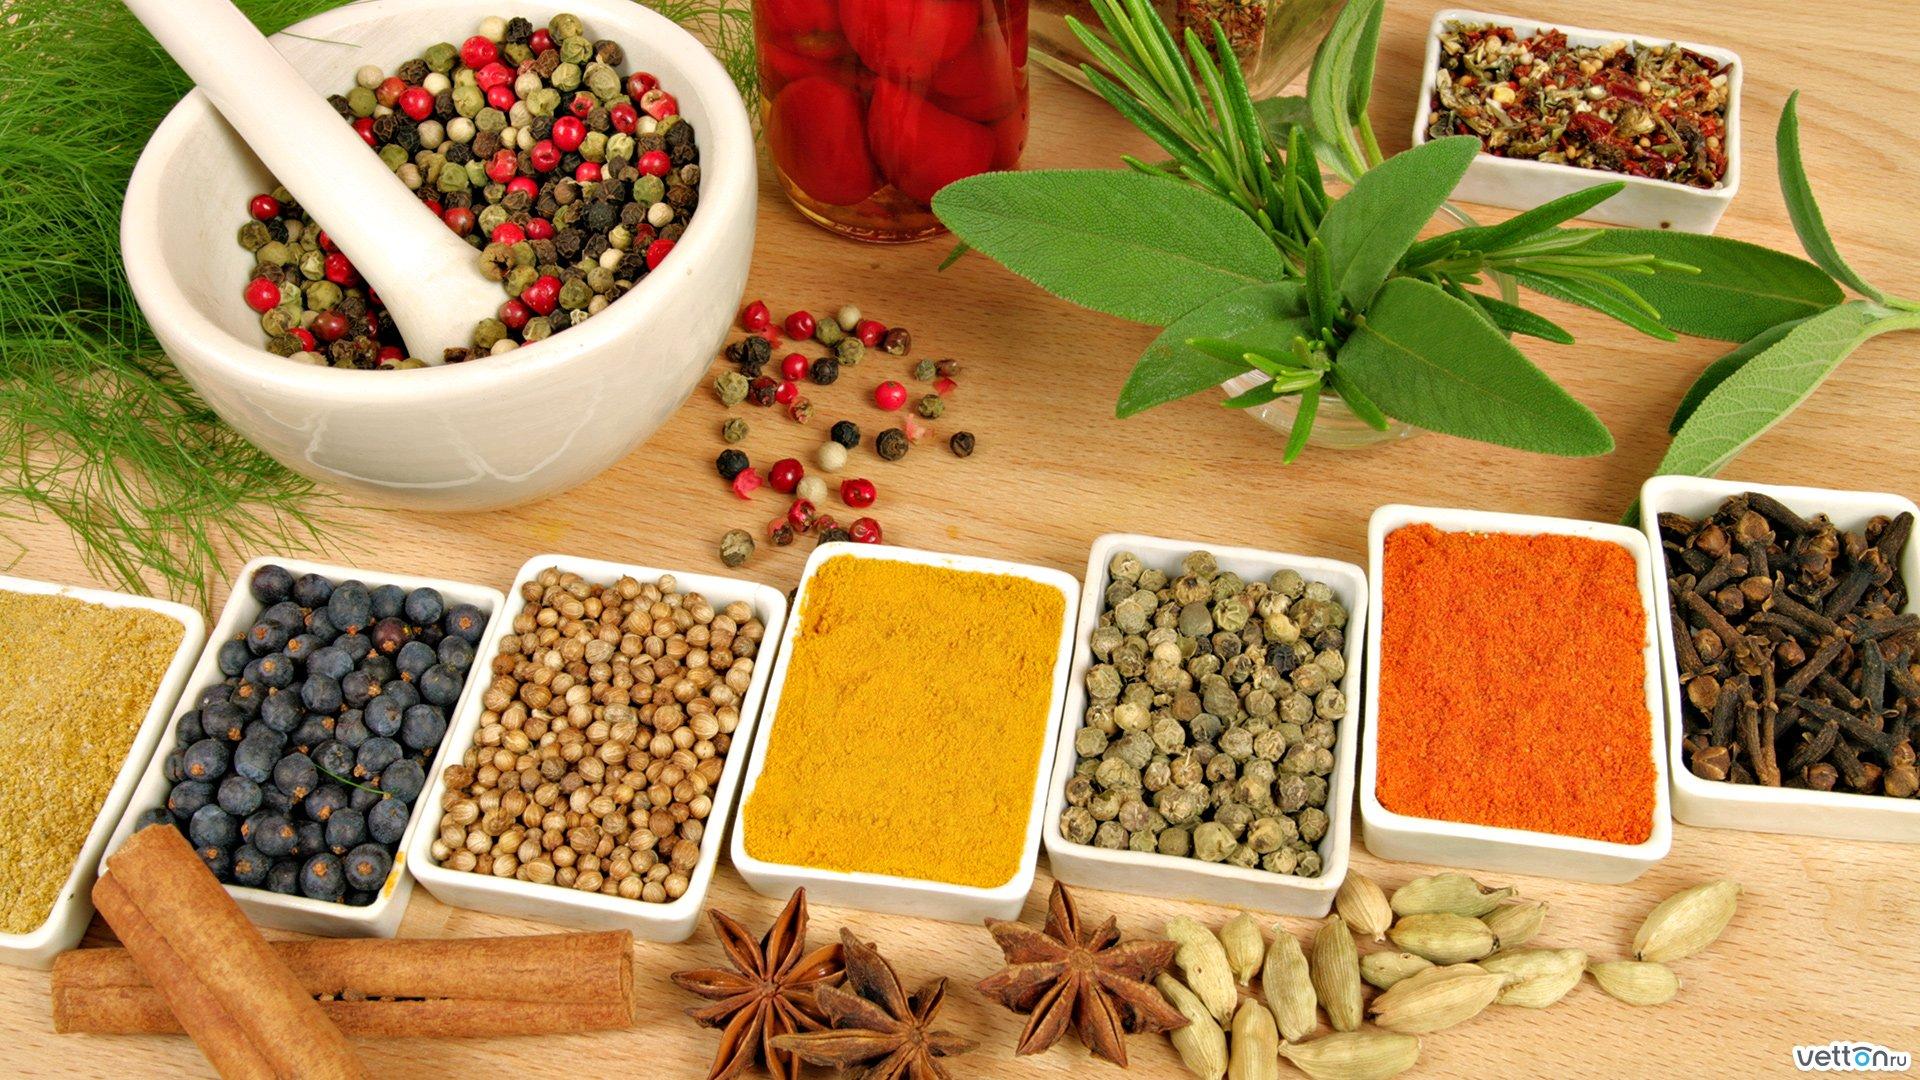 alternative medicine practice